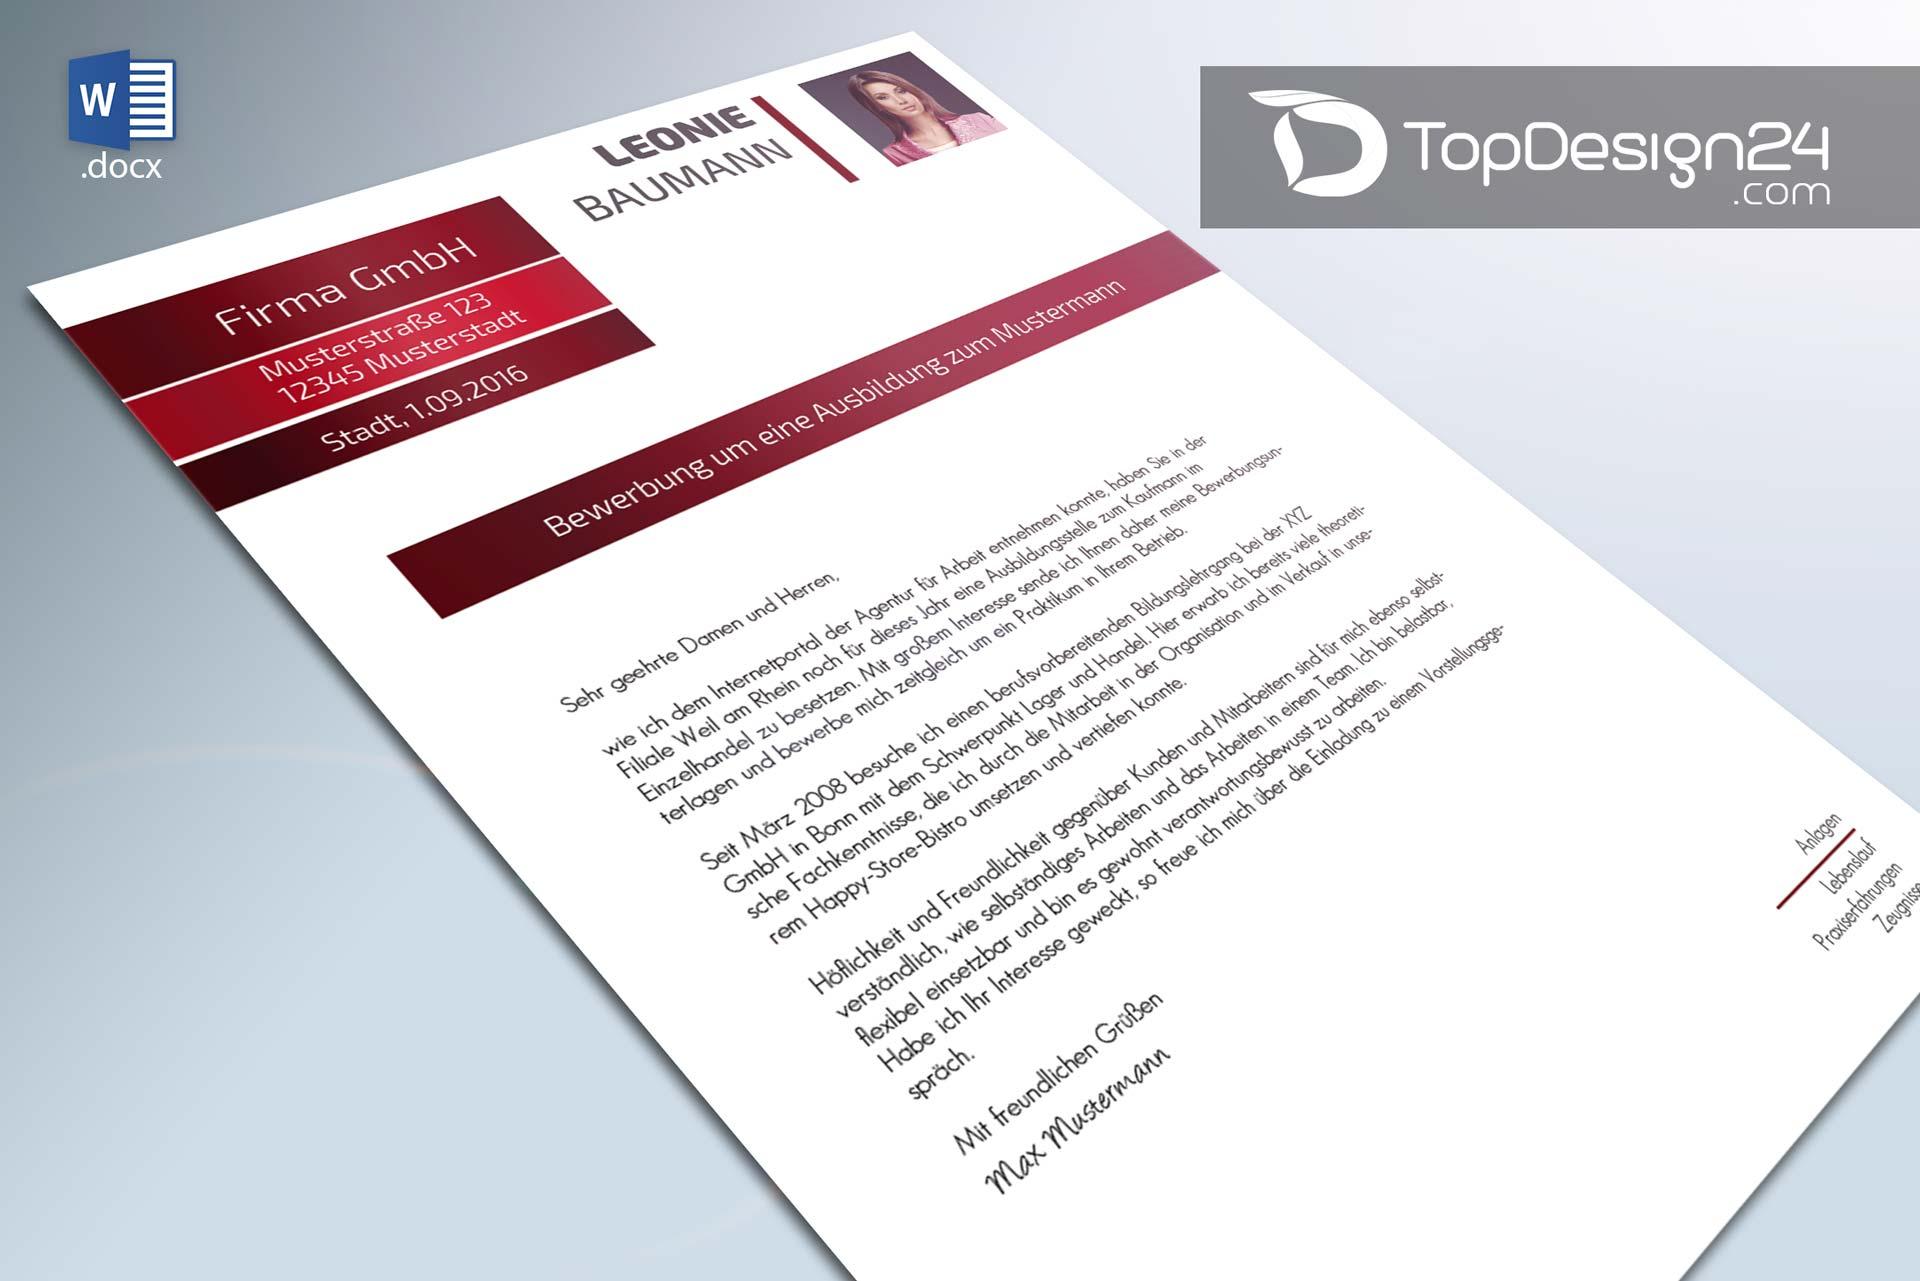 Bewerbungsanschreiben Beispiel Topdesign24 Vorlagen